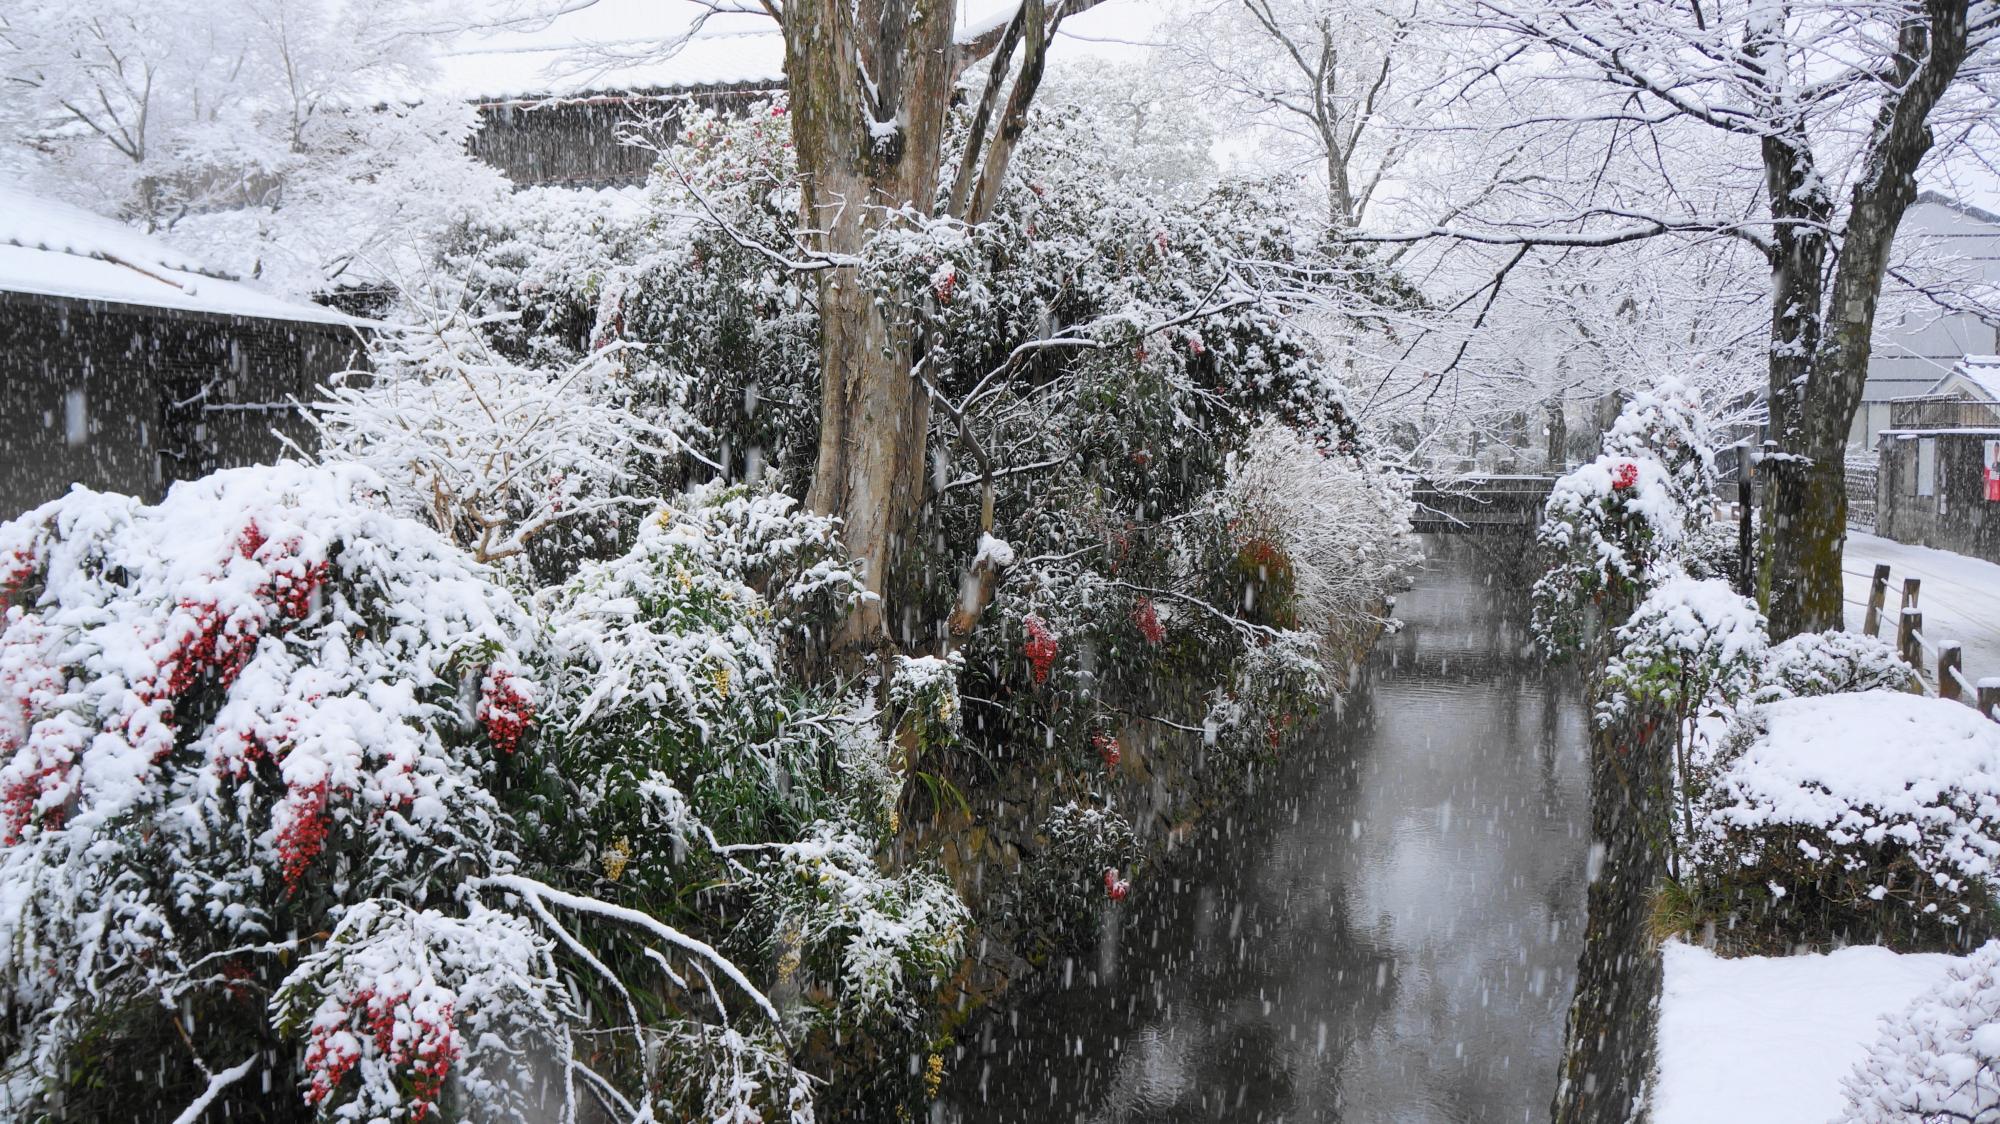 周辺の家々や木々も雪につつまれた哲学の道